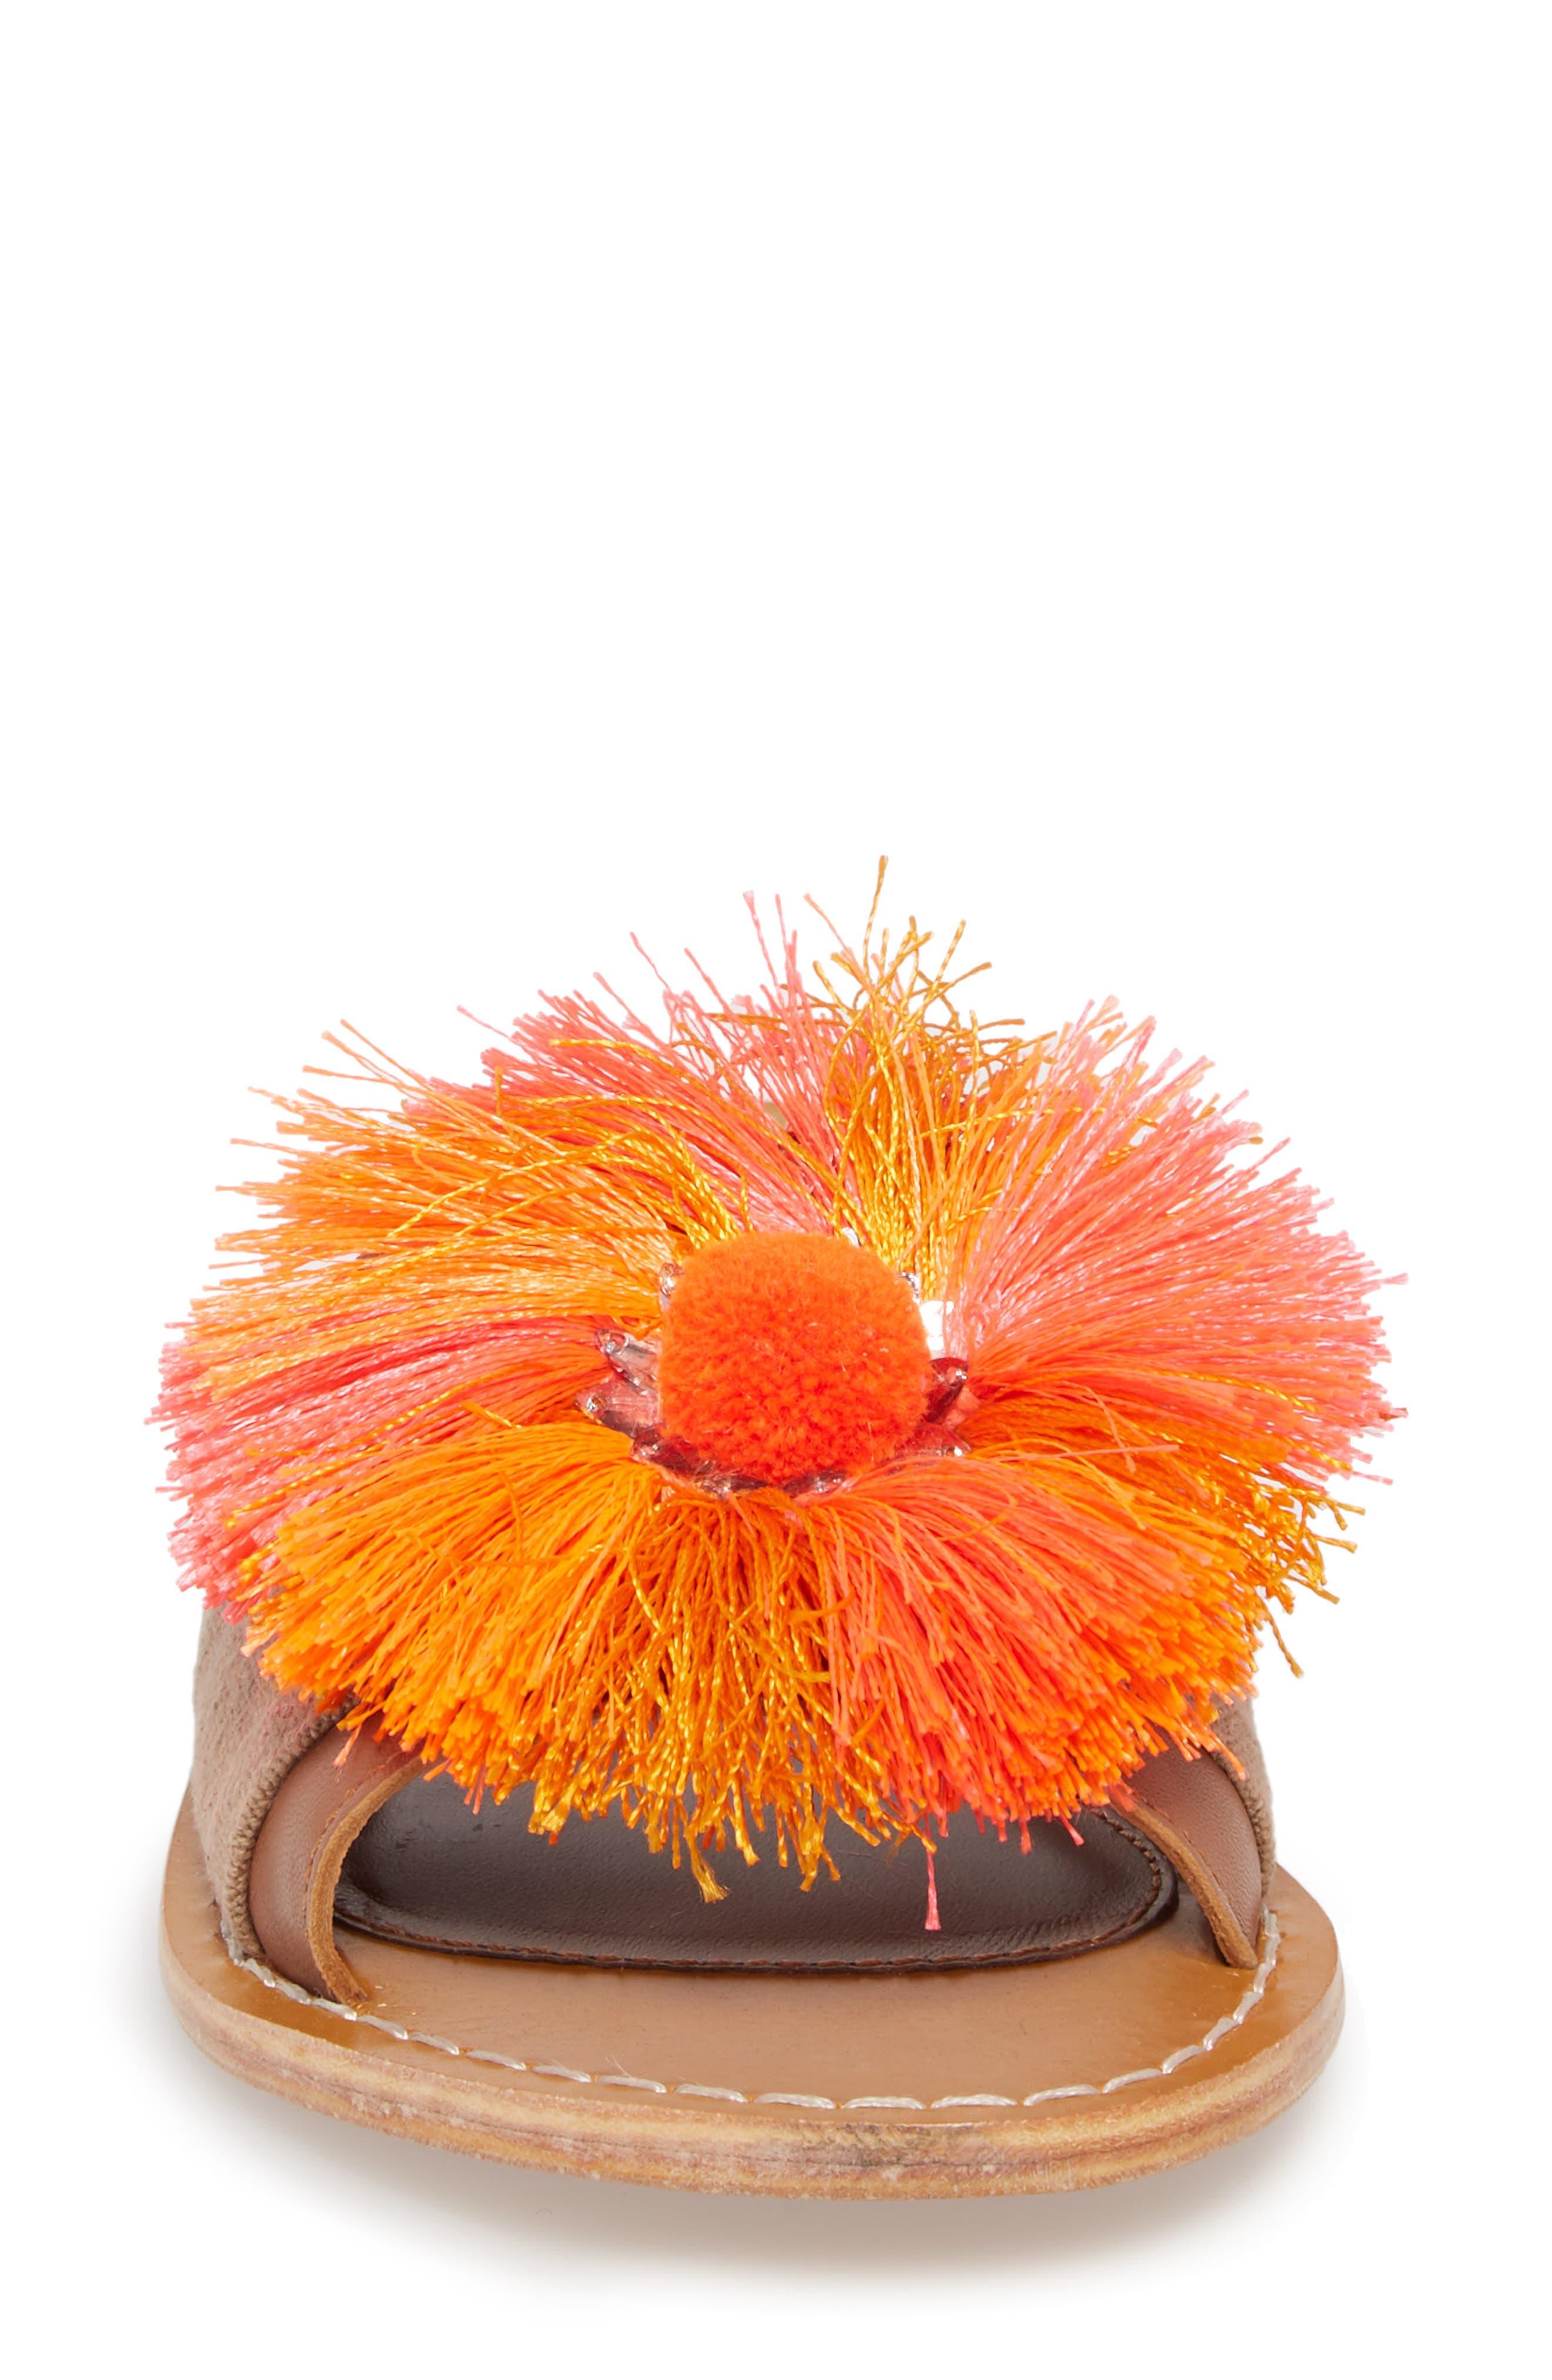 Orton Slide Sandal,                             Alternate thumbnail 4, color,                             Orange Multi Fabric